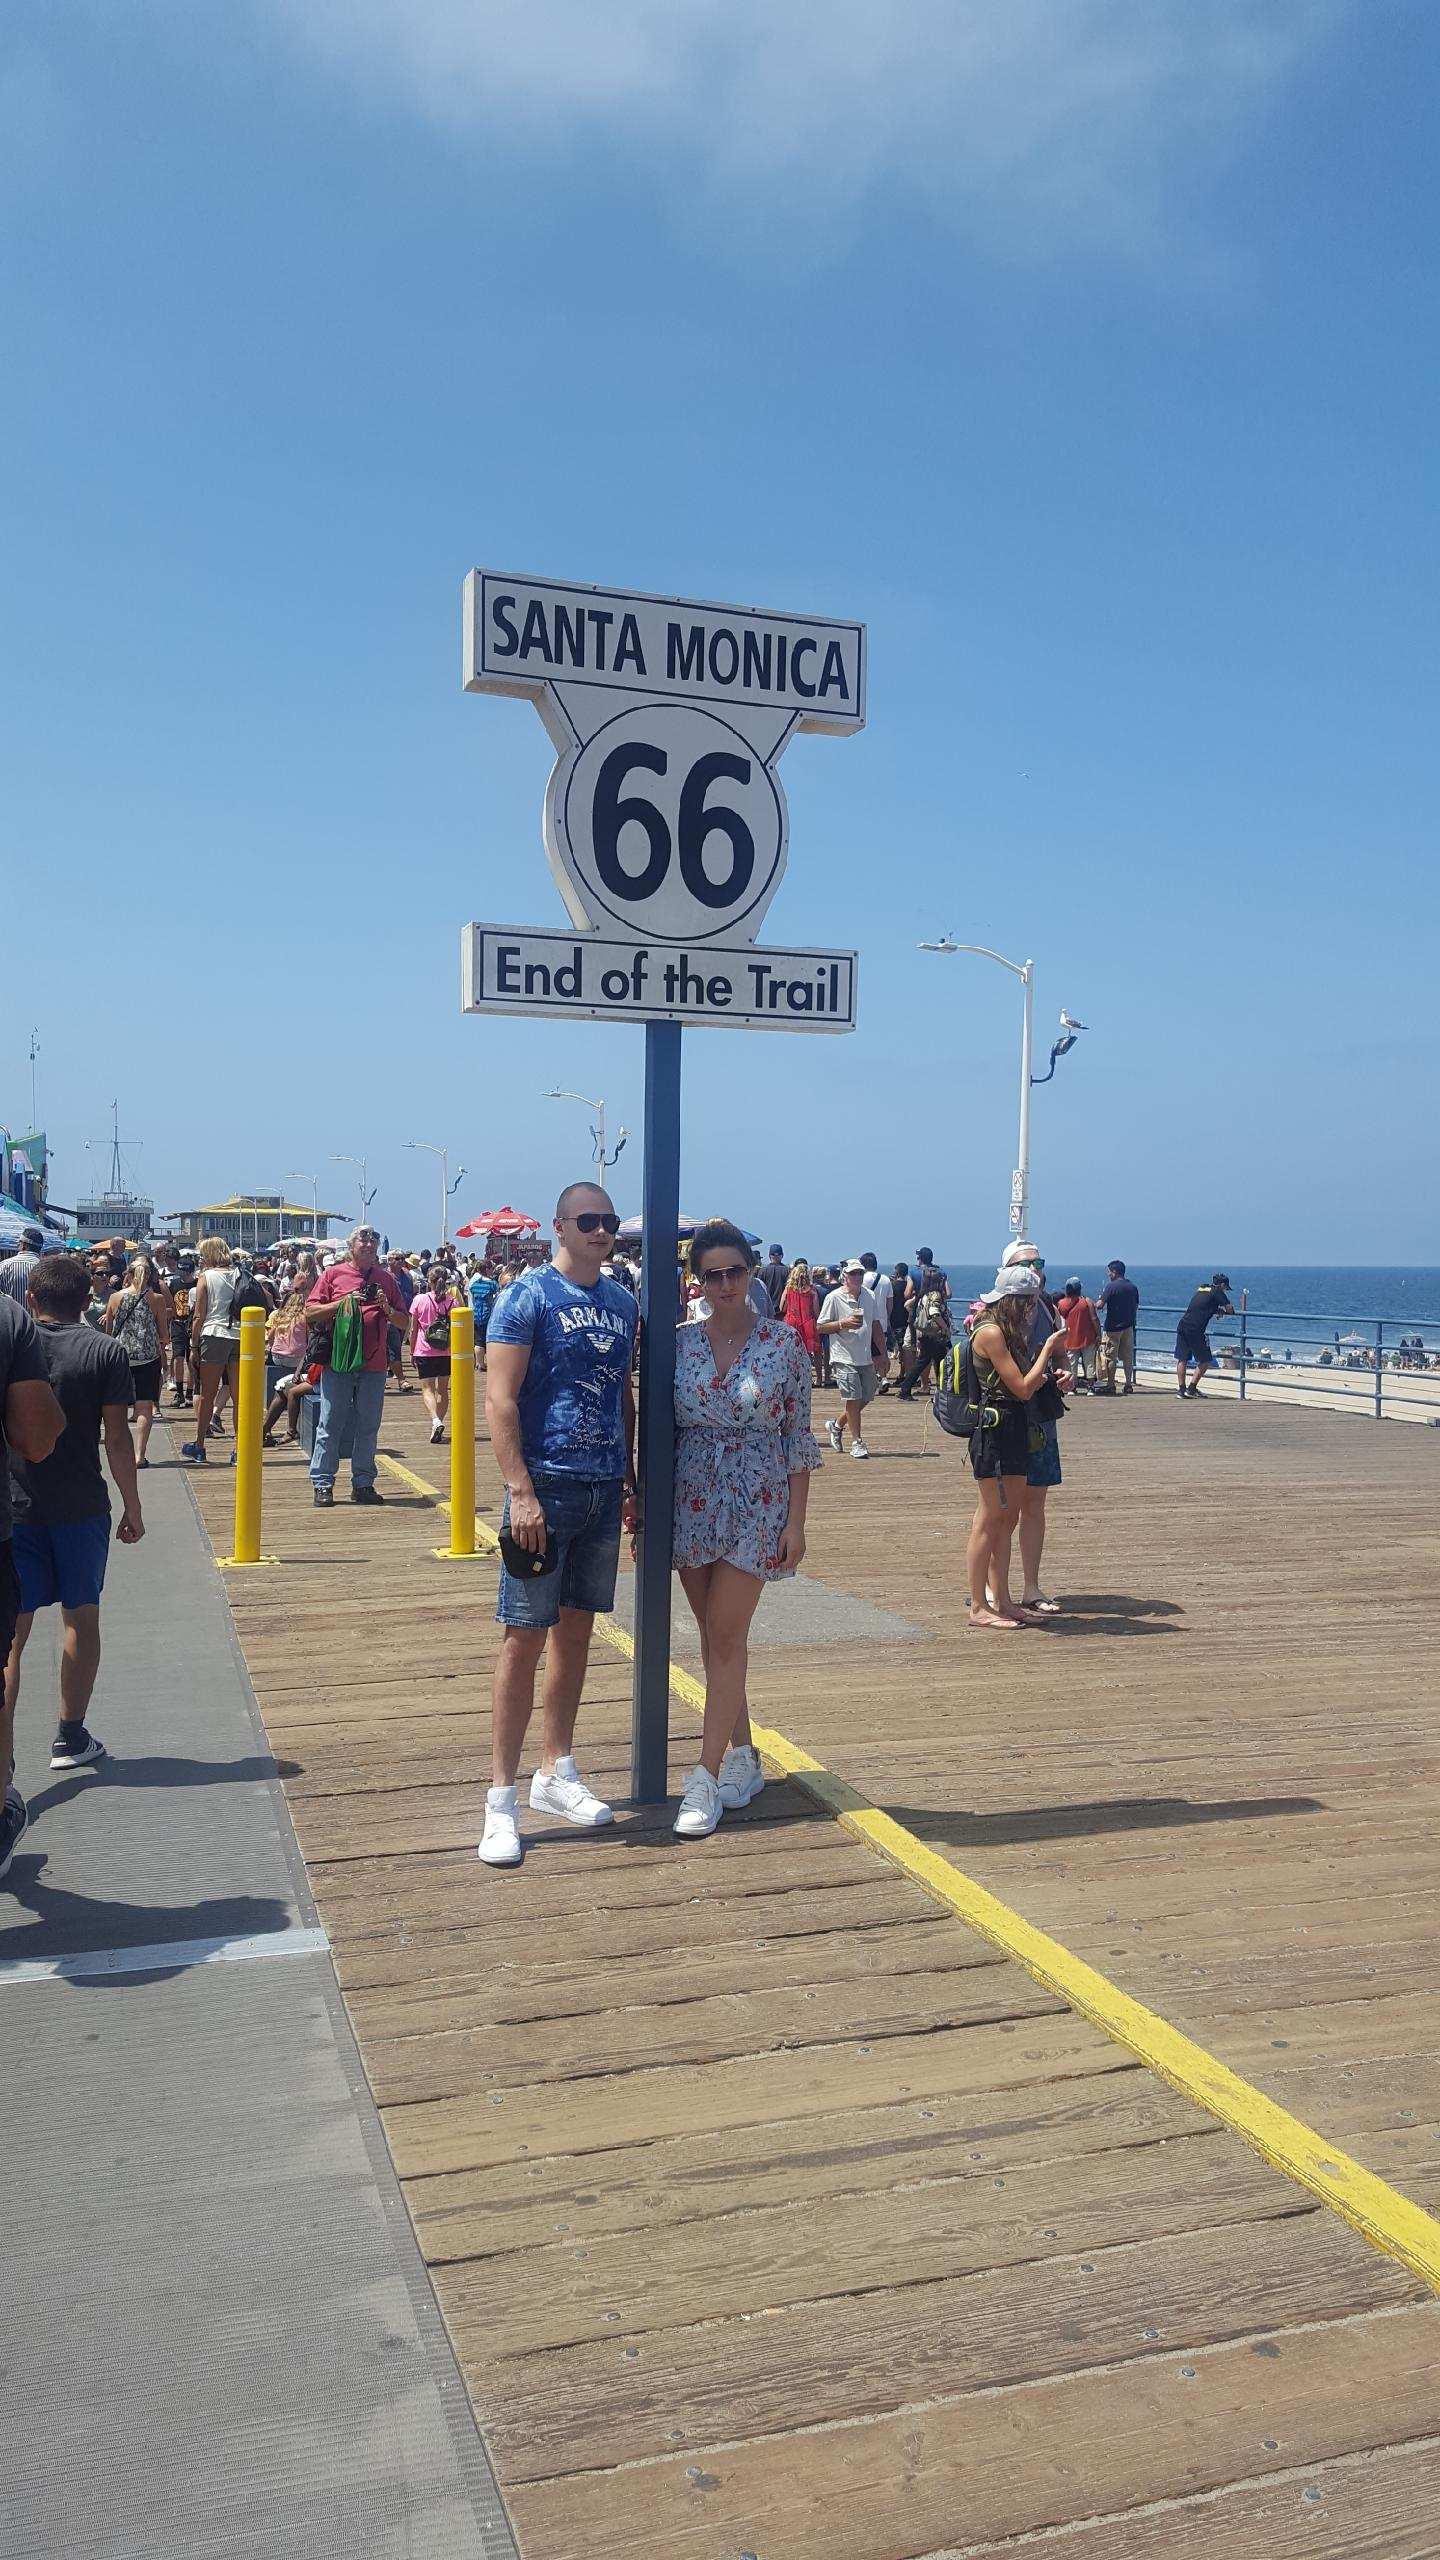 Ogłoszenie darmowe. Lokalizacja:  Costa Mesa / Los Angeles. IMPREZY - Sport i turystyka. Podróże daleko i blisko, z.